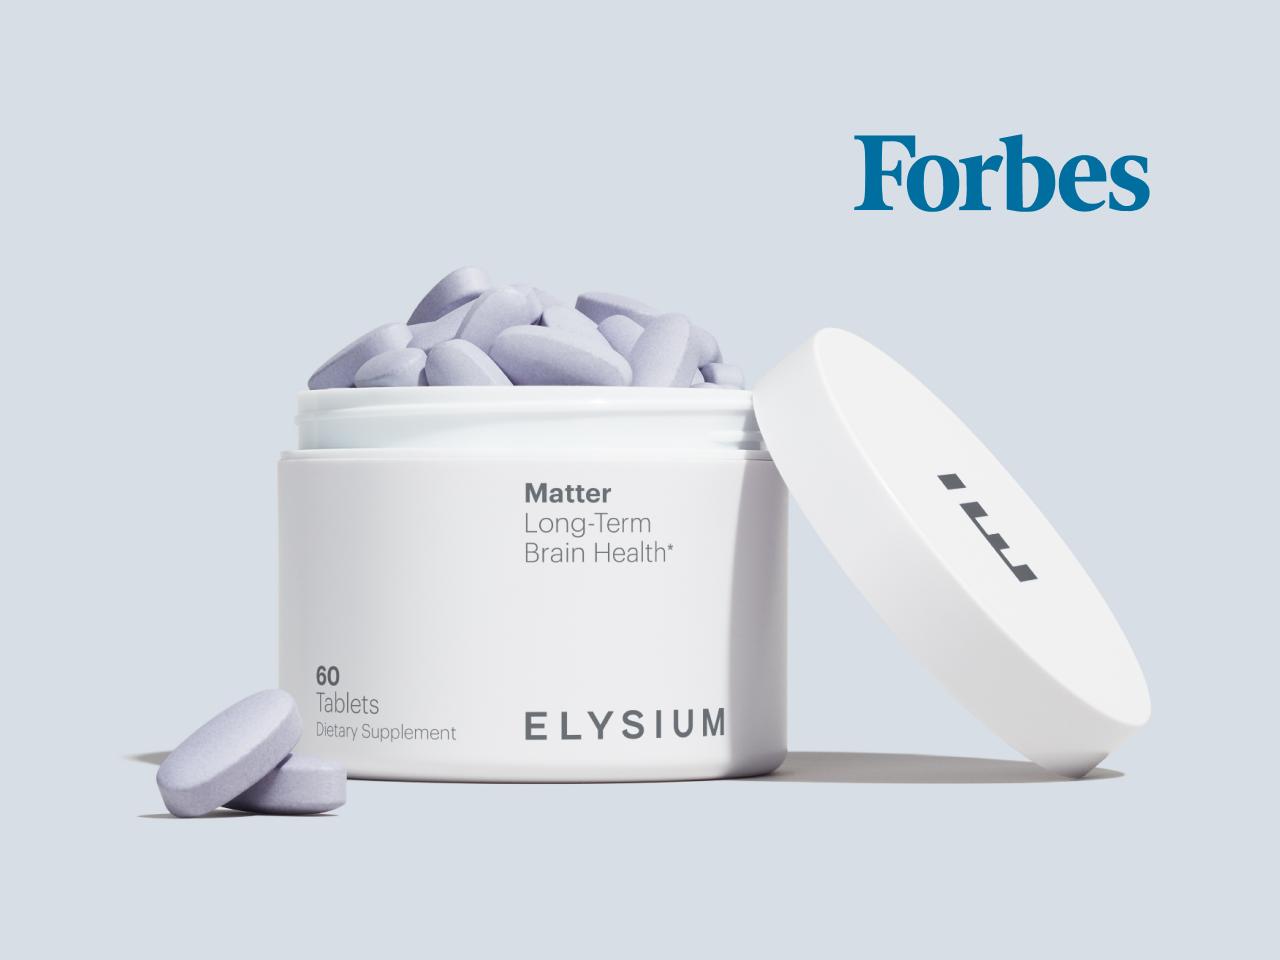 Forbes | Matter Long-Term Brain Health